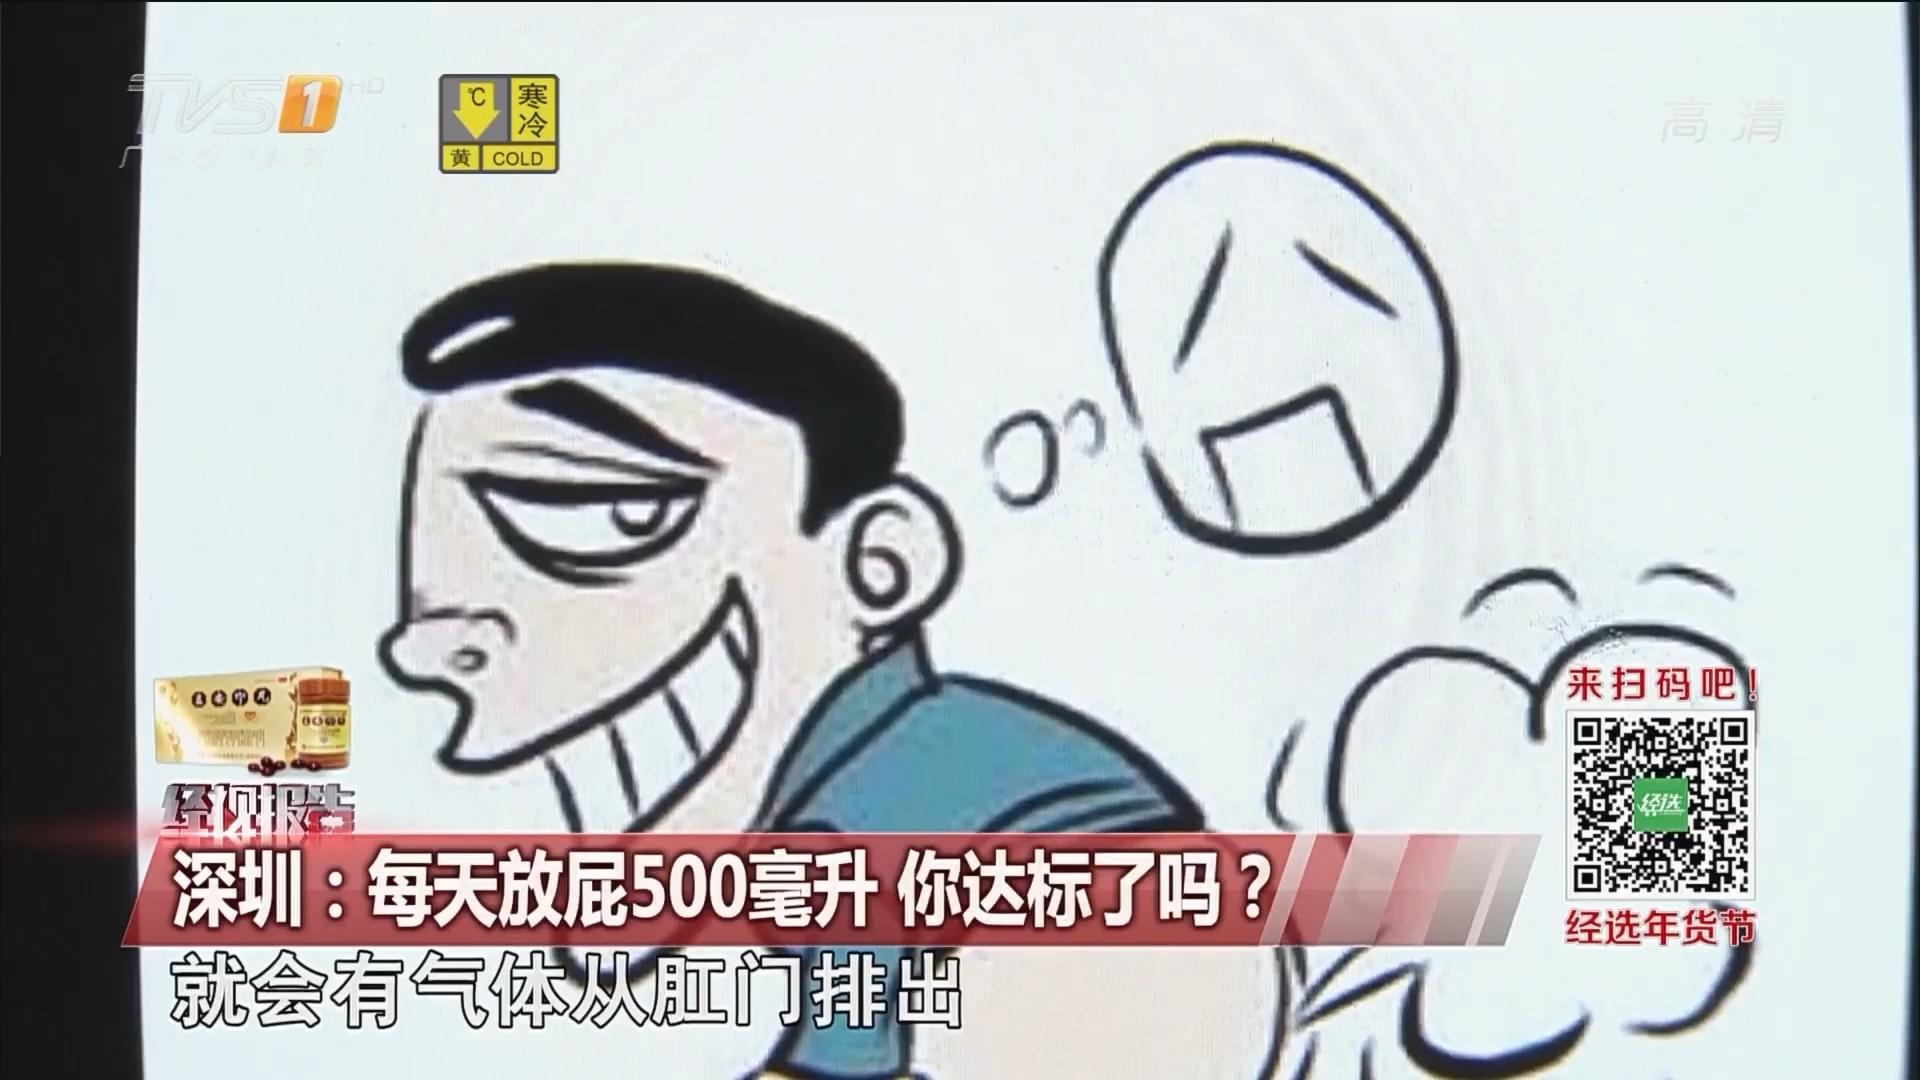 深圳:每天放屁500毫升 你达标了吗?